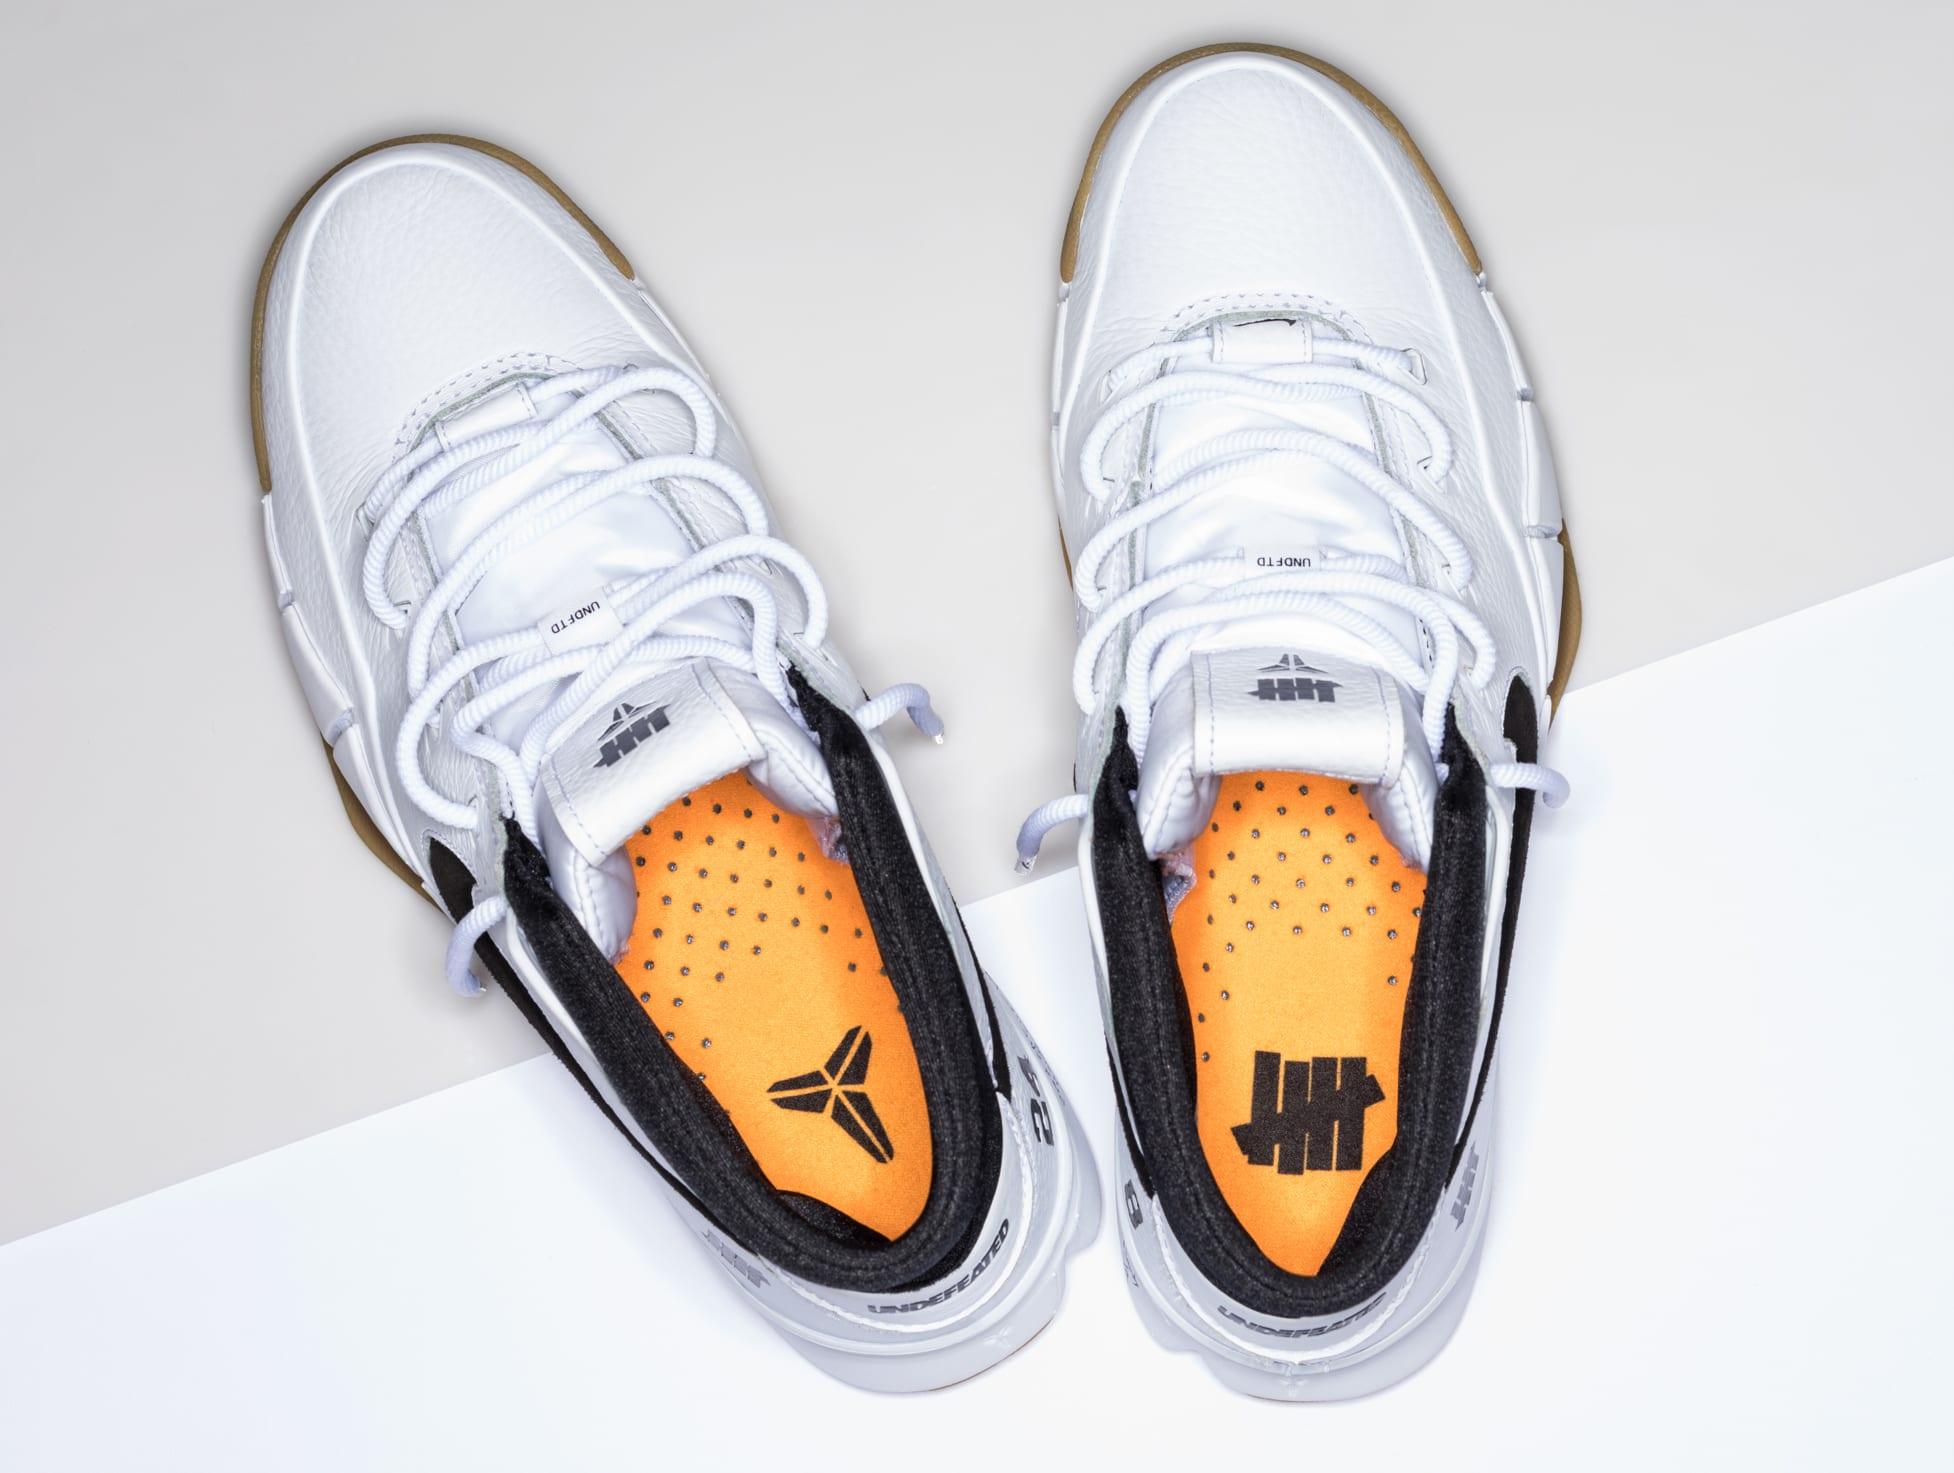 Undefeated x Nike Kobe 1 Protro 'White/Gum' 6